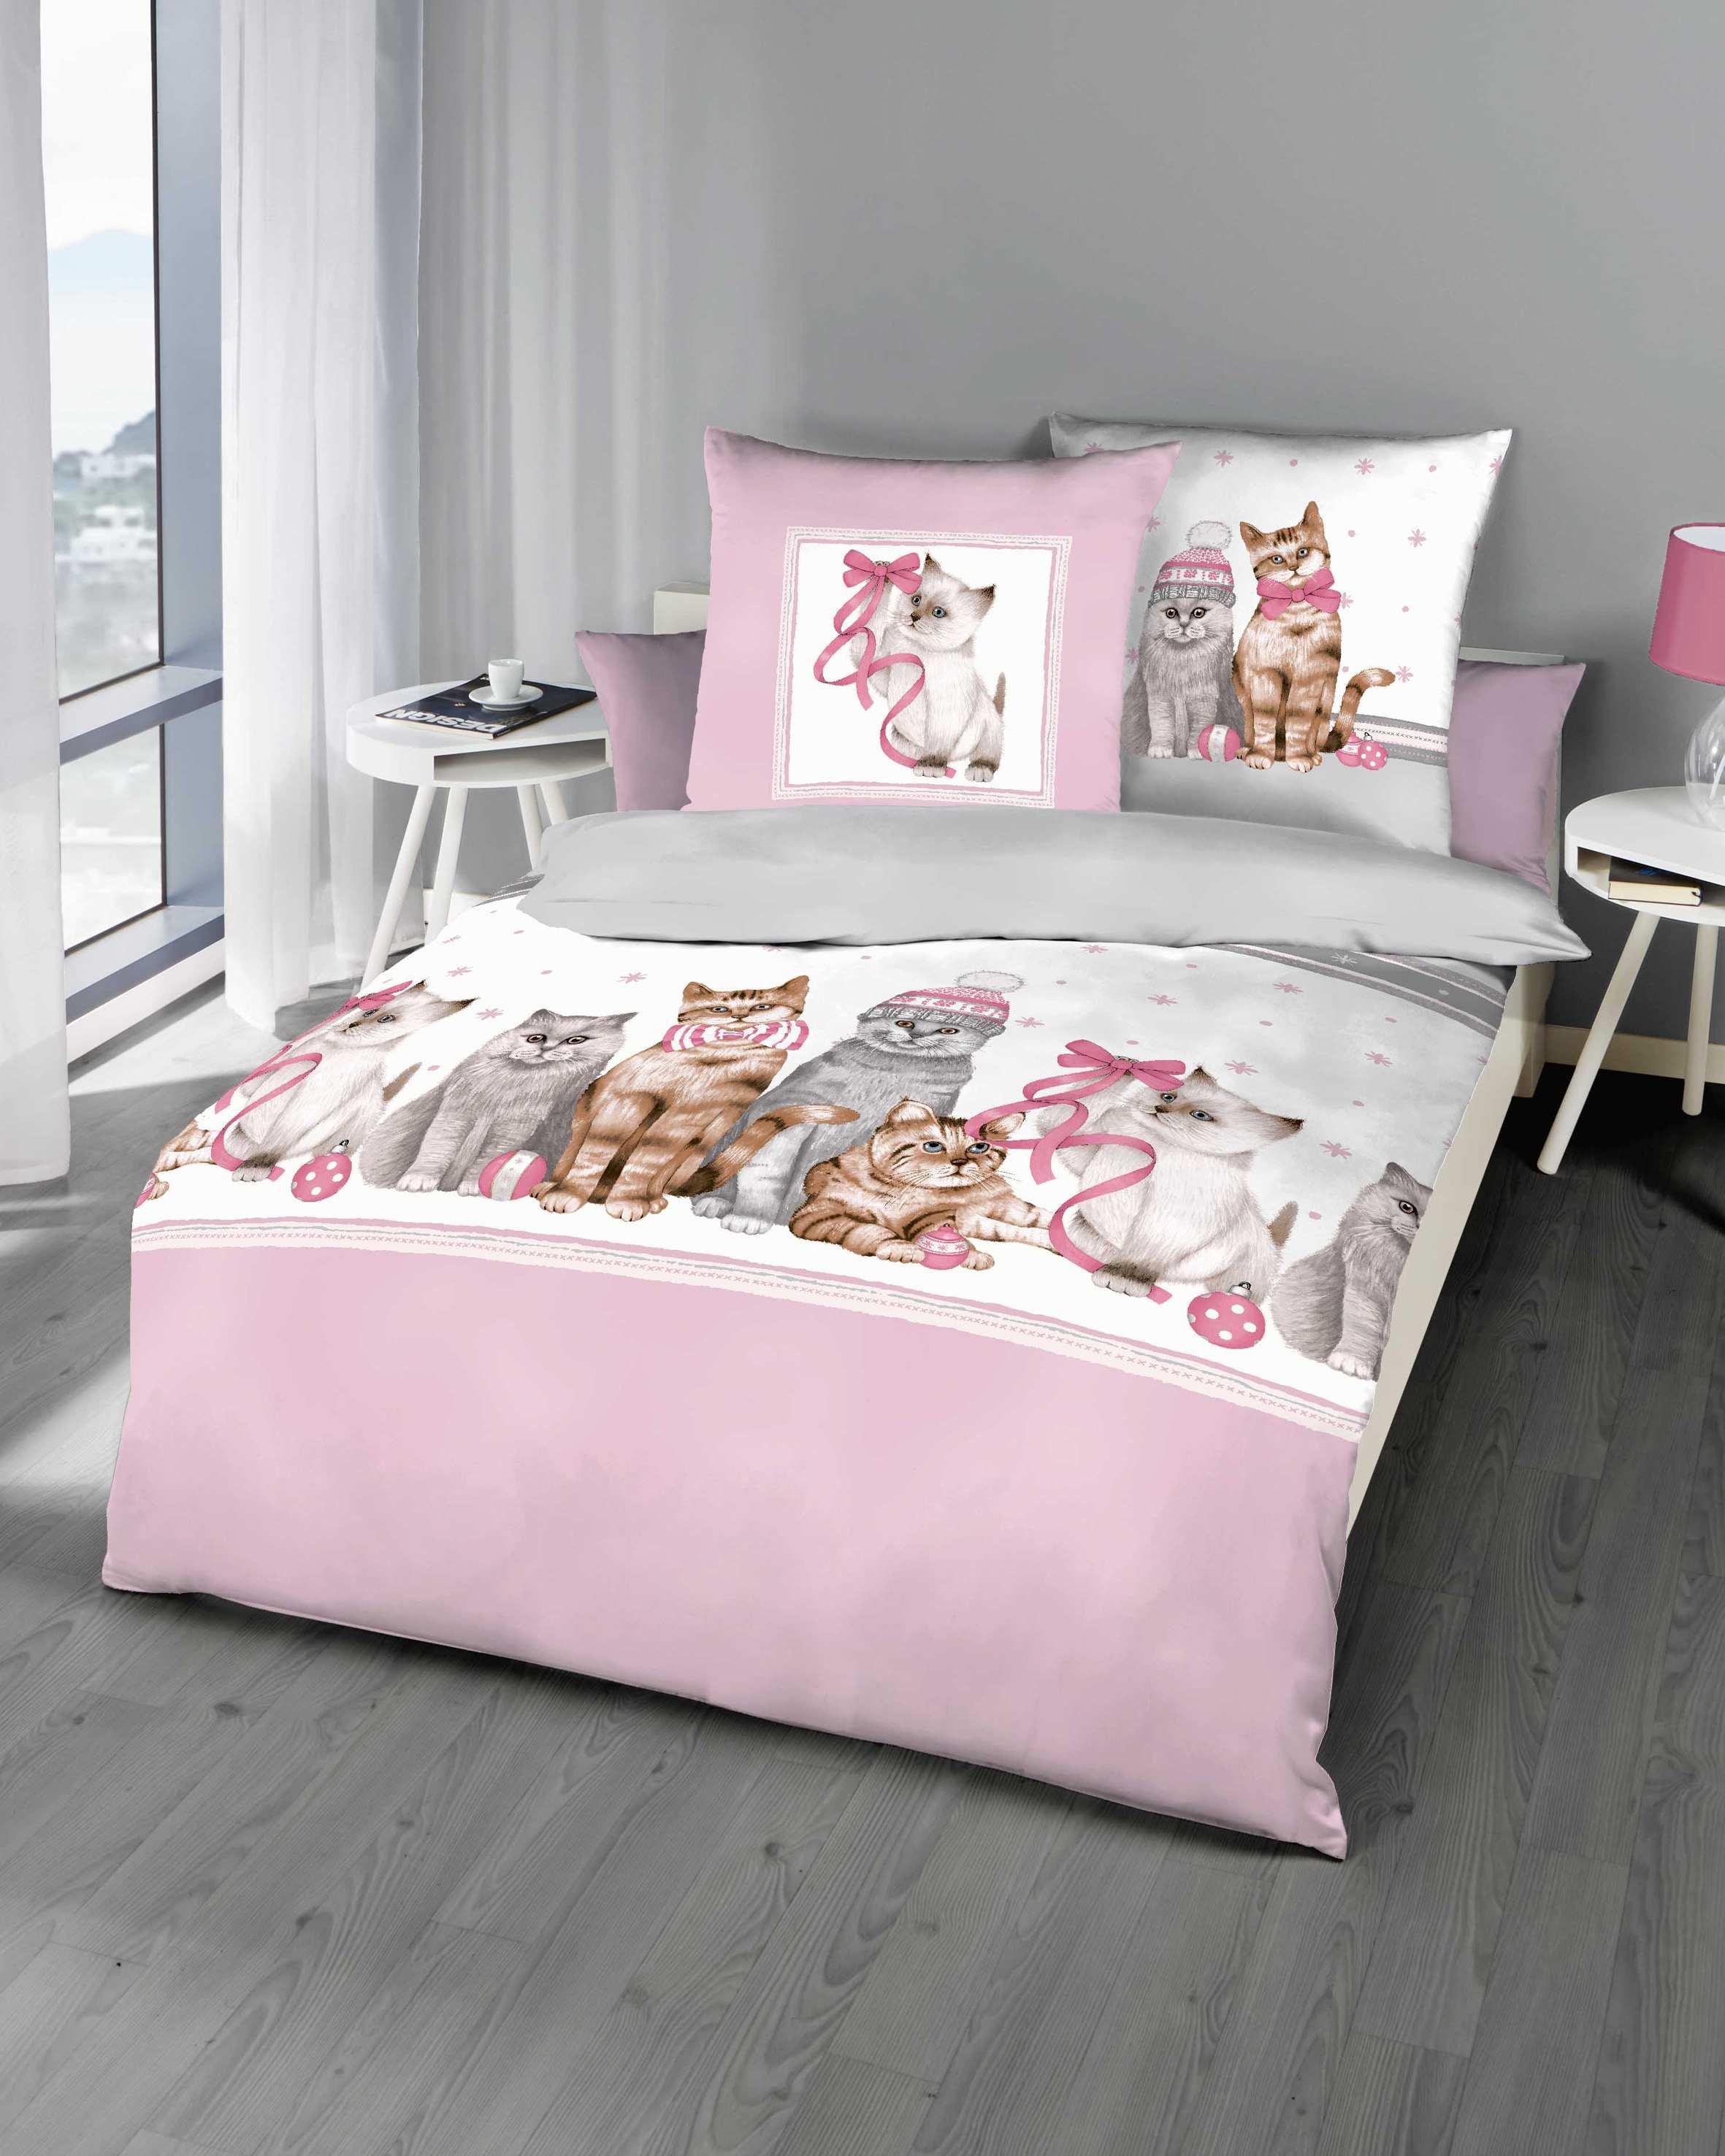 biber bettw sche katzen ros marken qualit t g nstig. Black Bedroom Furniture Sets. Home Design Ideas